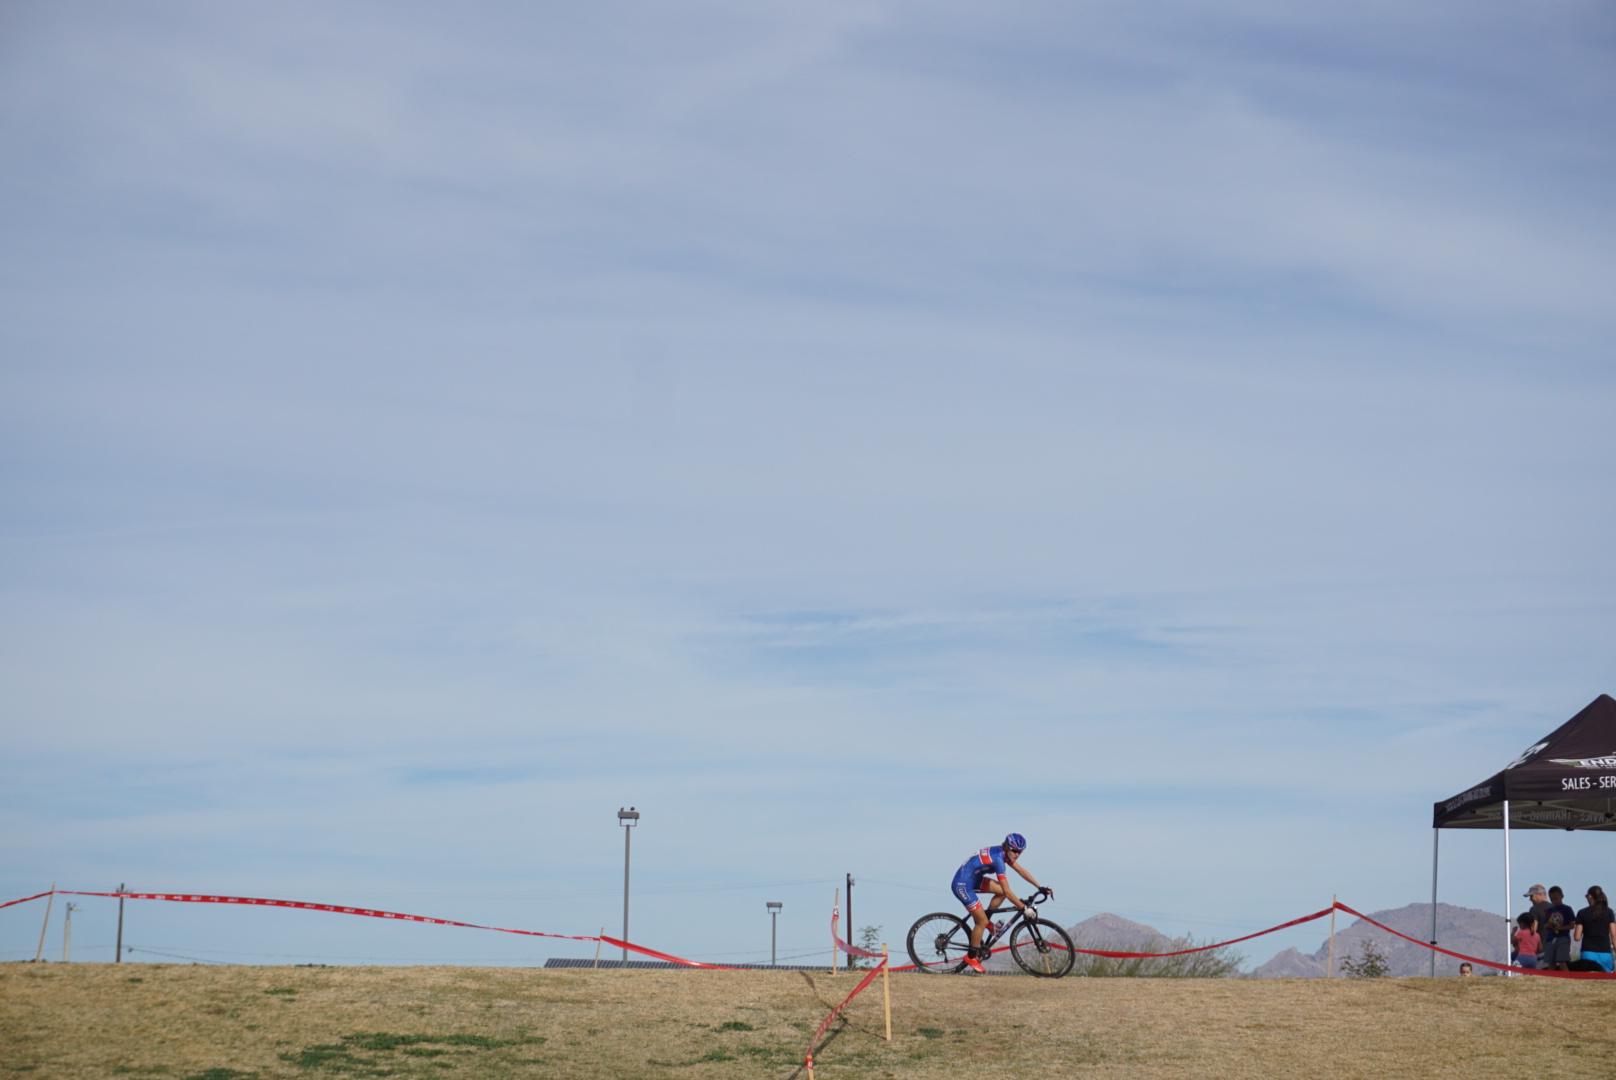 Course de cyclocross en Arizona! Ce weekend, j'ai participé à 4 courses: Pro Hommes et Femmes le Samedi et la même chose le Dimanche, suive d'une séance de musculation. Photo par David